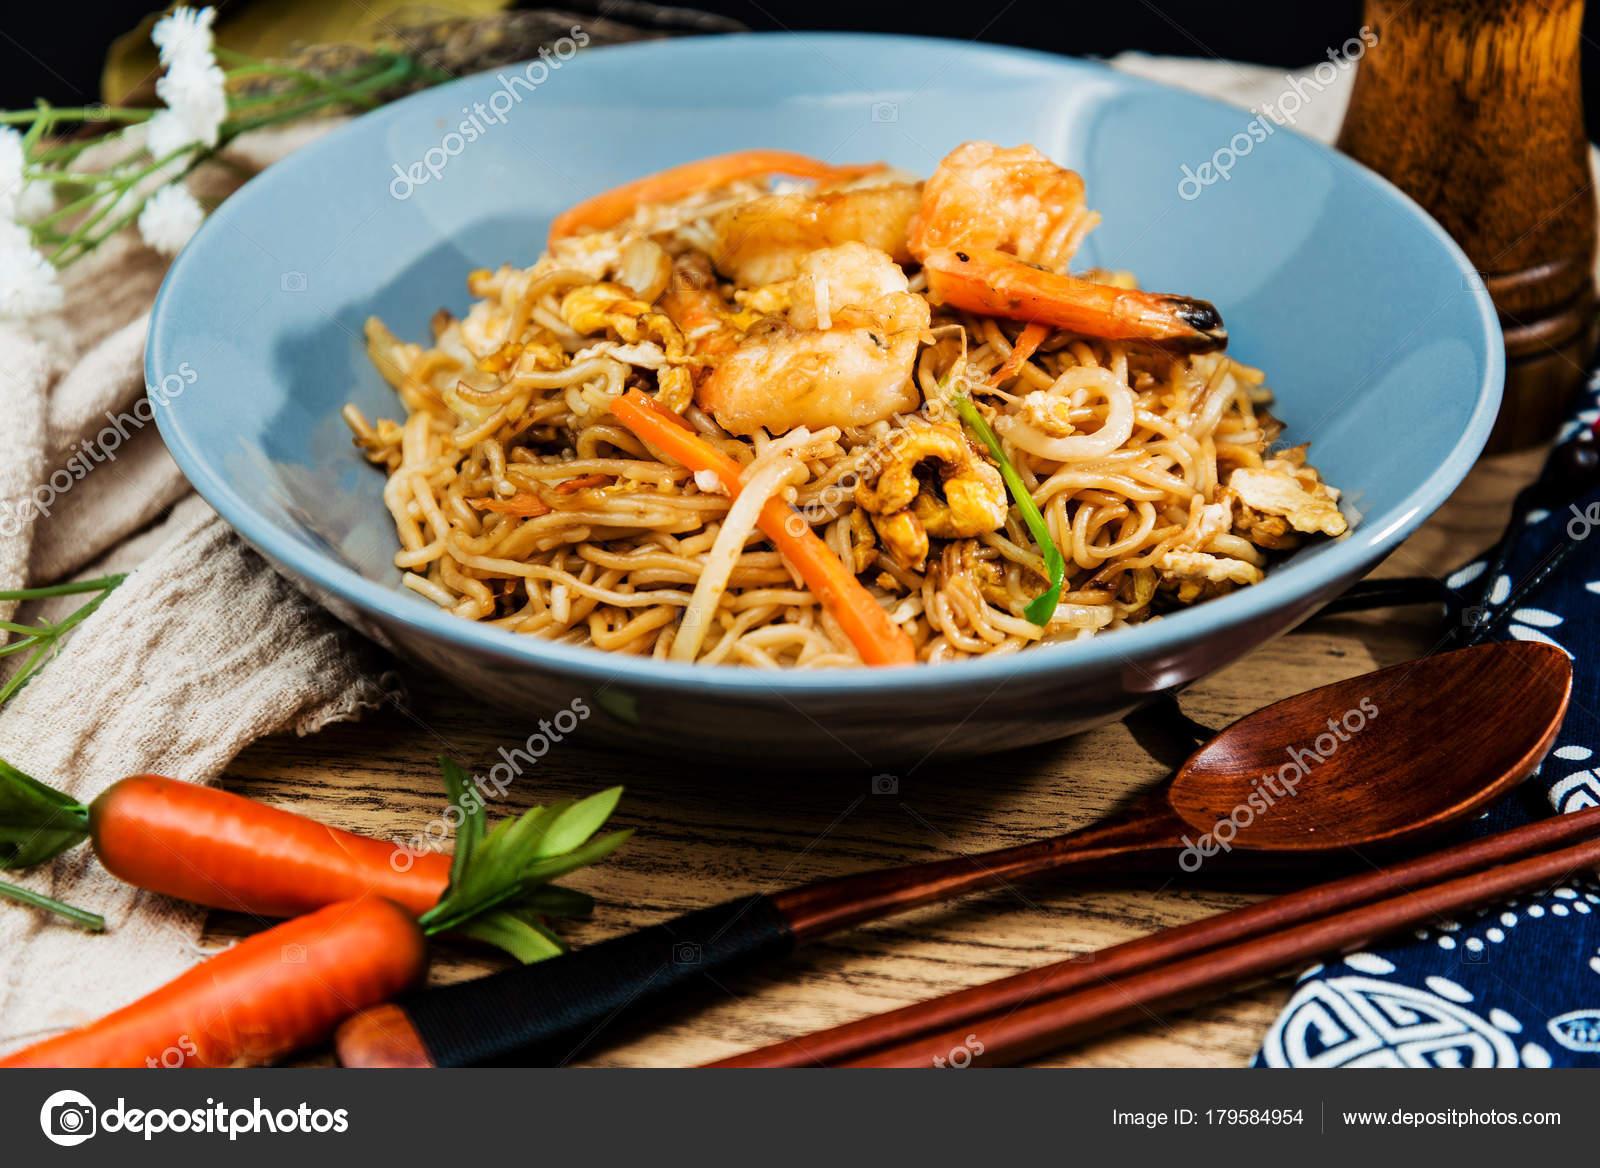 Kuchnia Azjatycka Smażony Makaron Na Stole Zdjęcie